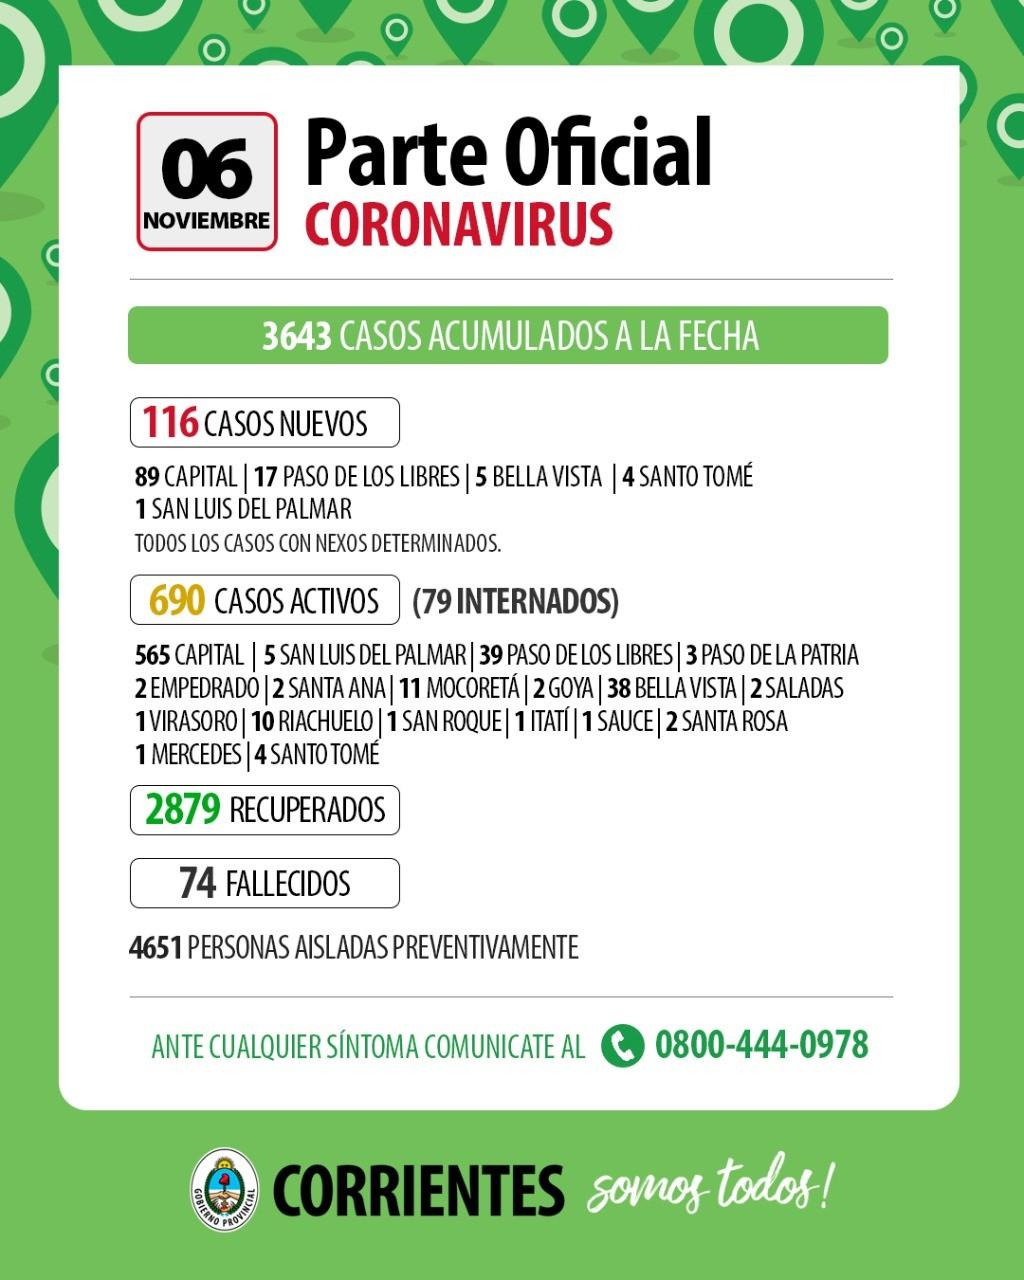 Informan de 116 nuevos casos de coronavirus en Corrientes